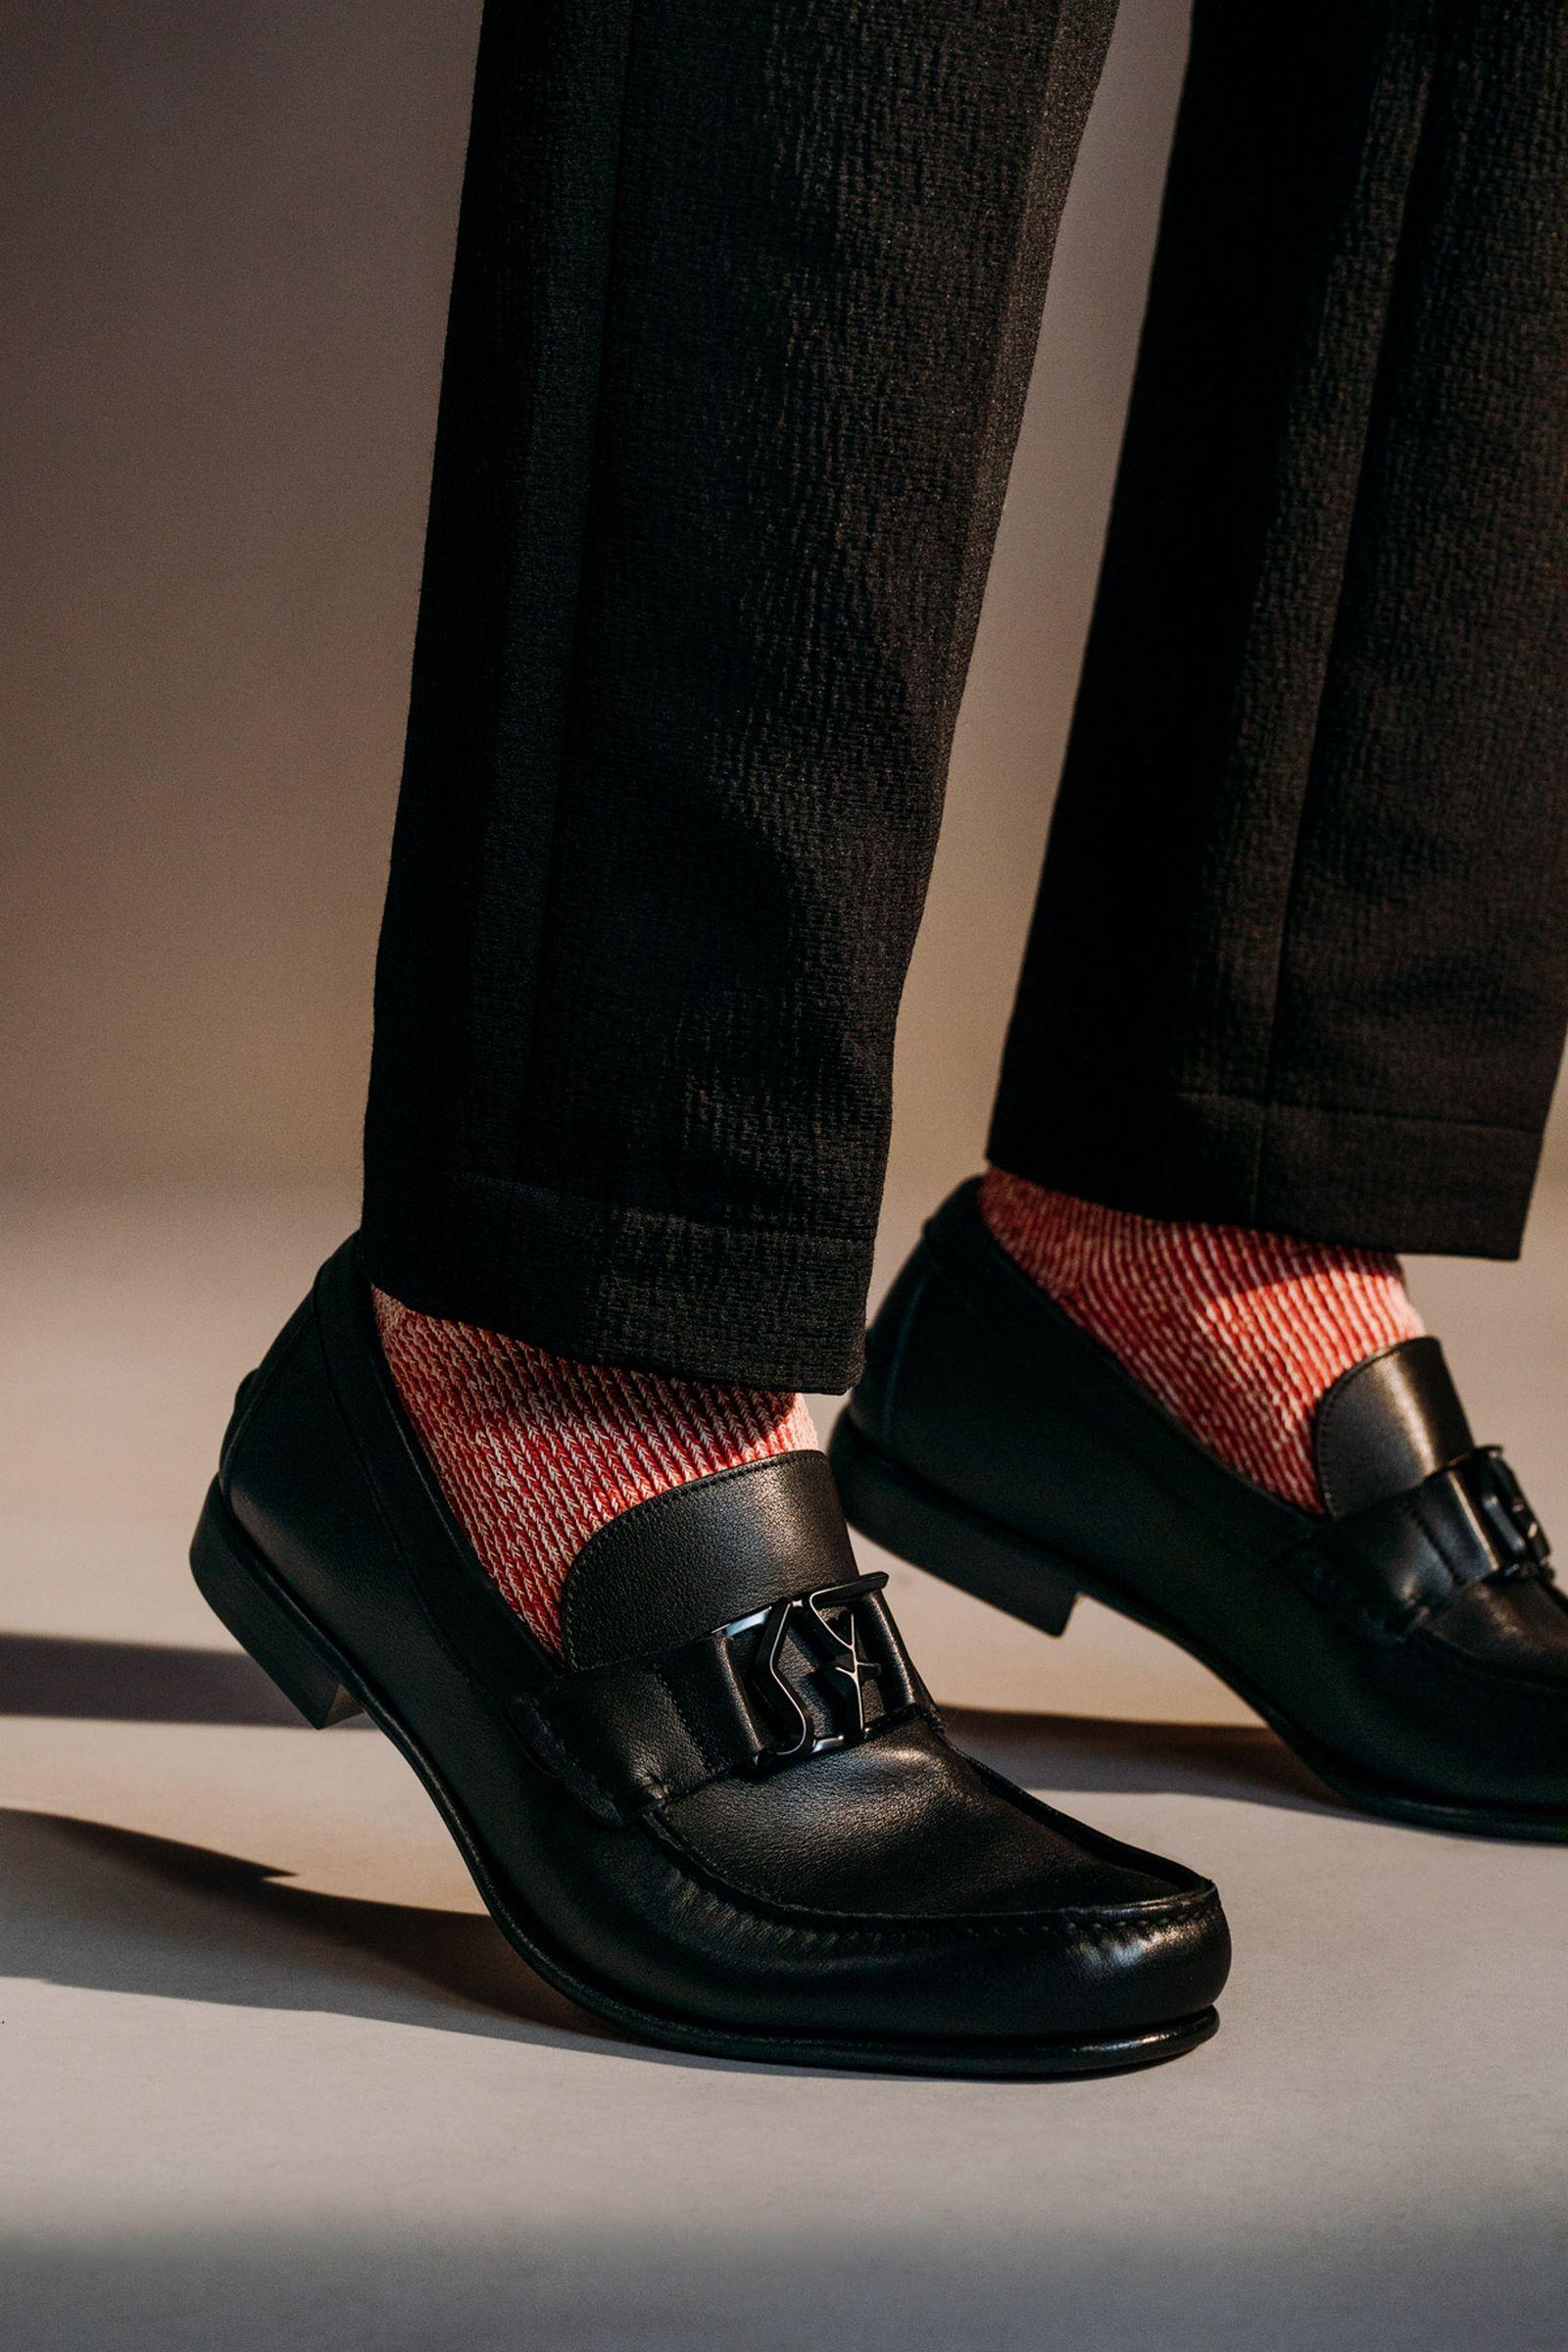 ferragamo-footwear-style-guide-02